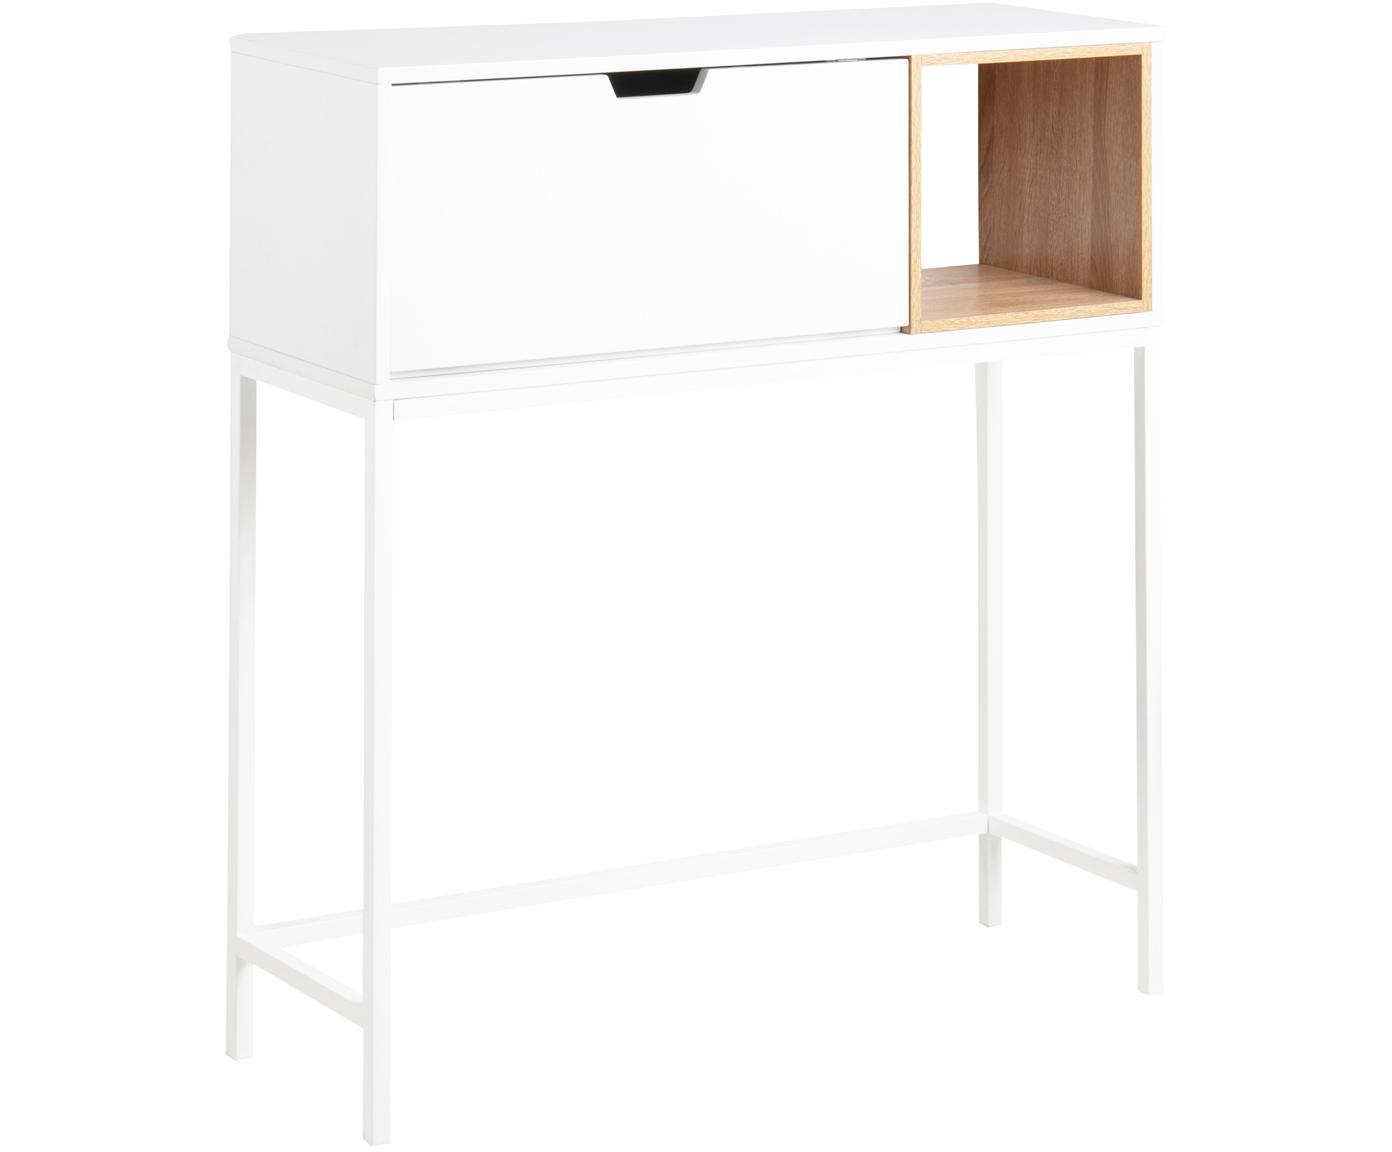 Secretaria Satley, Estructura: tablero de fibras de dens, Estructura: metal con pintura en polv, Blanco, roble, An 92 x F 30 cm